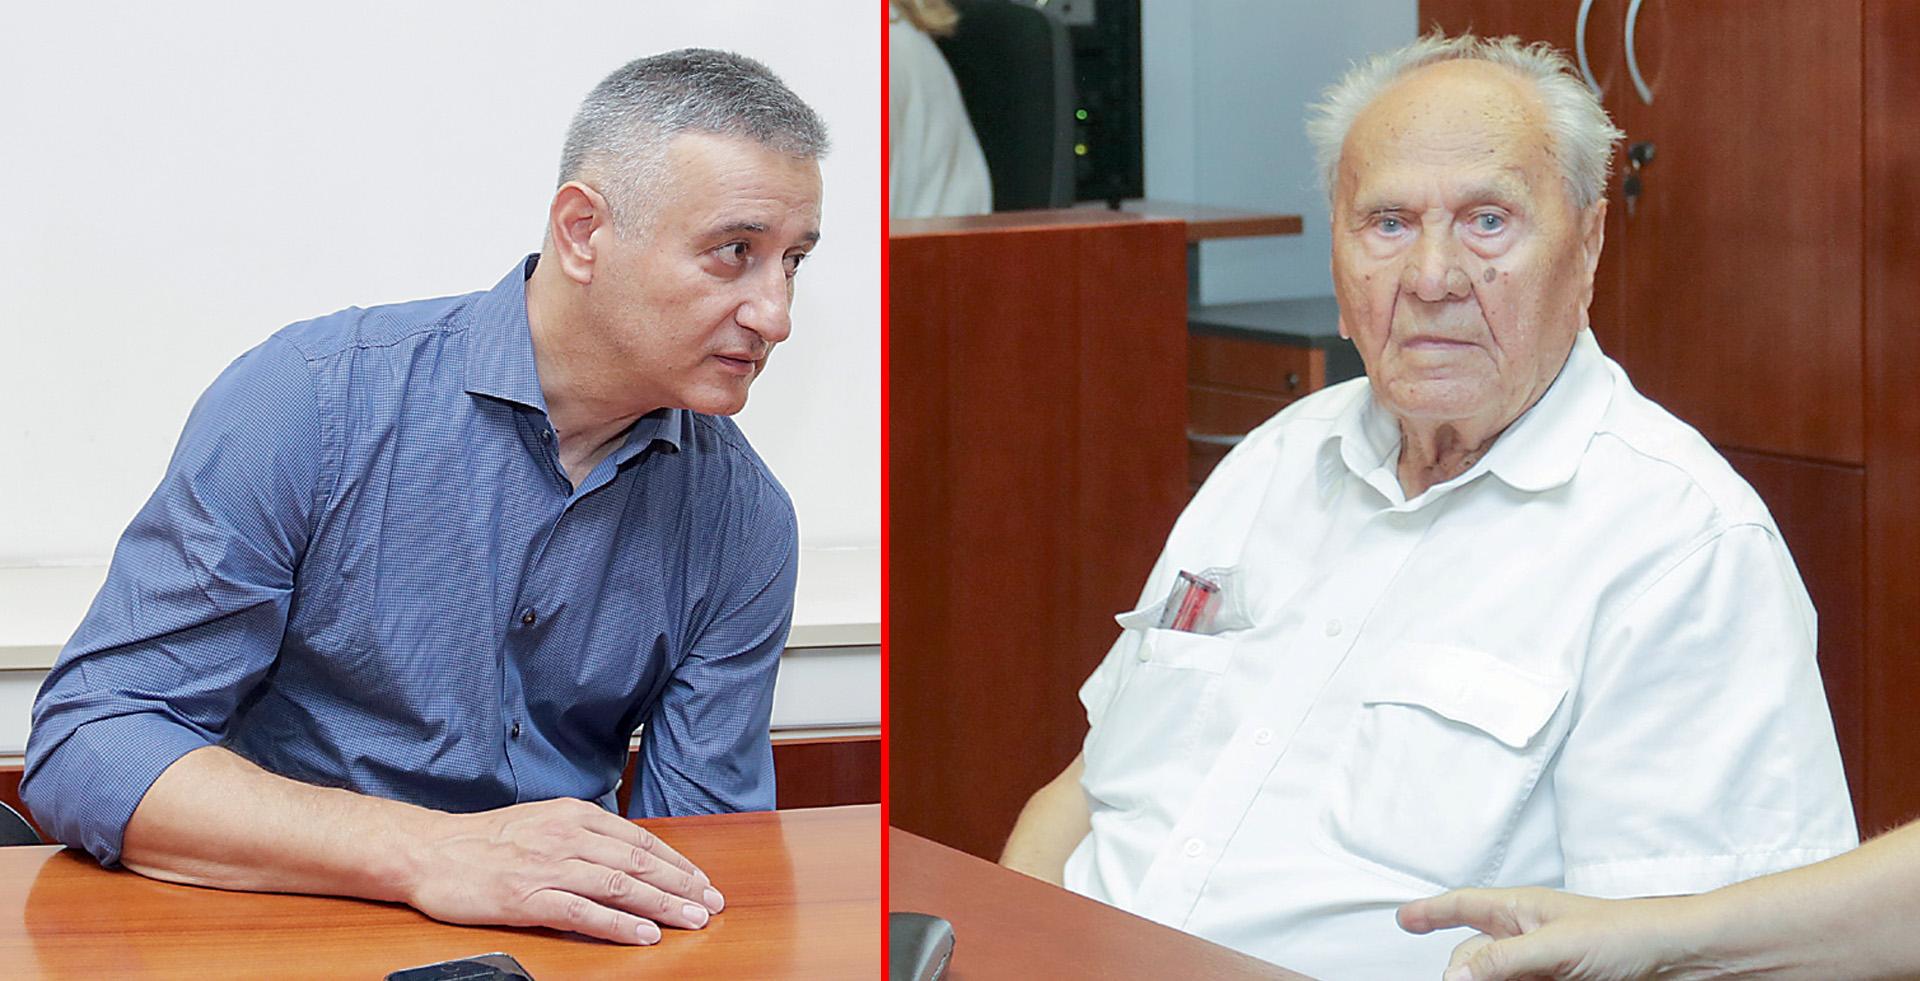 JOSIP MANOLIĆ: Tko je ukrao ključni dio dokumenta Trs koji dokazuje Karamarkovu suradnju s Udbom?